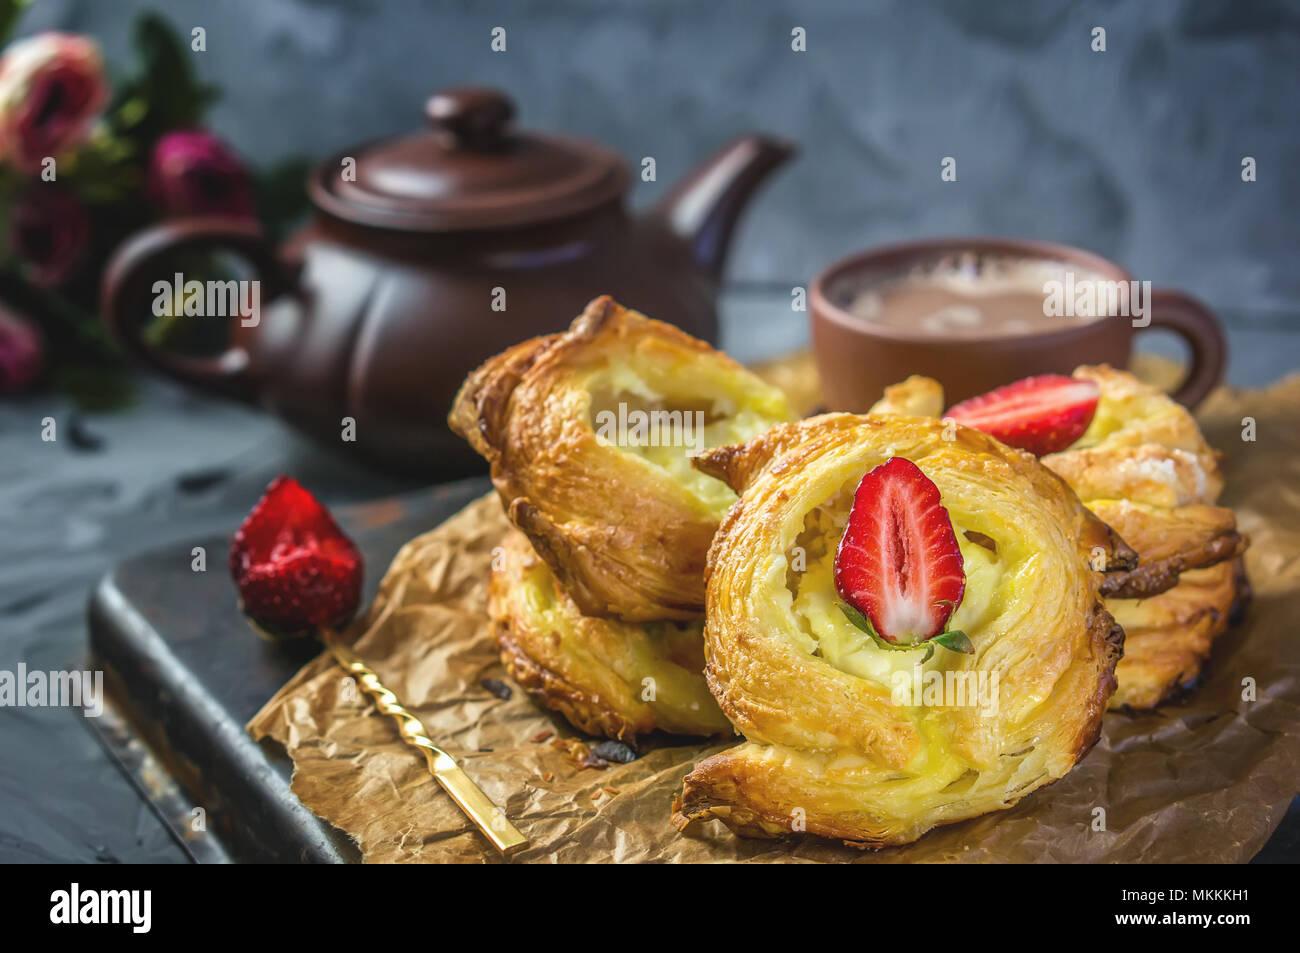 Pâte feuilletée fromage de packs, home-européen. La maison faire des brioches pour le thé. Photo Stock